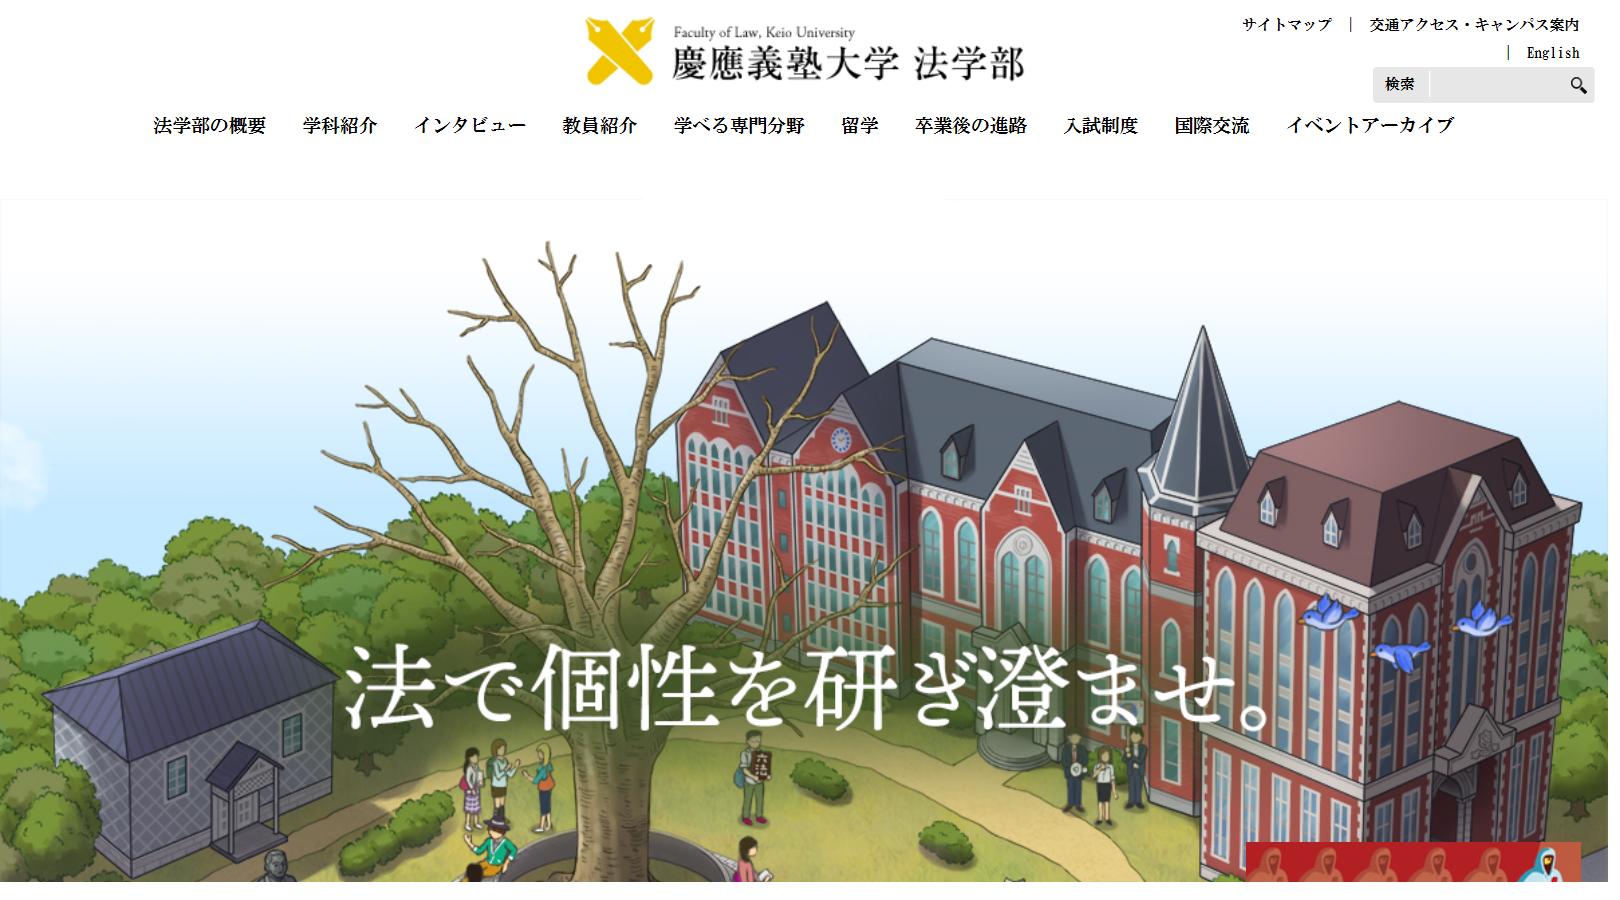 慶応義塾大学の評判・口コミ【法学部編】